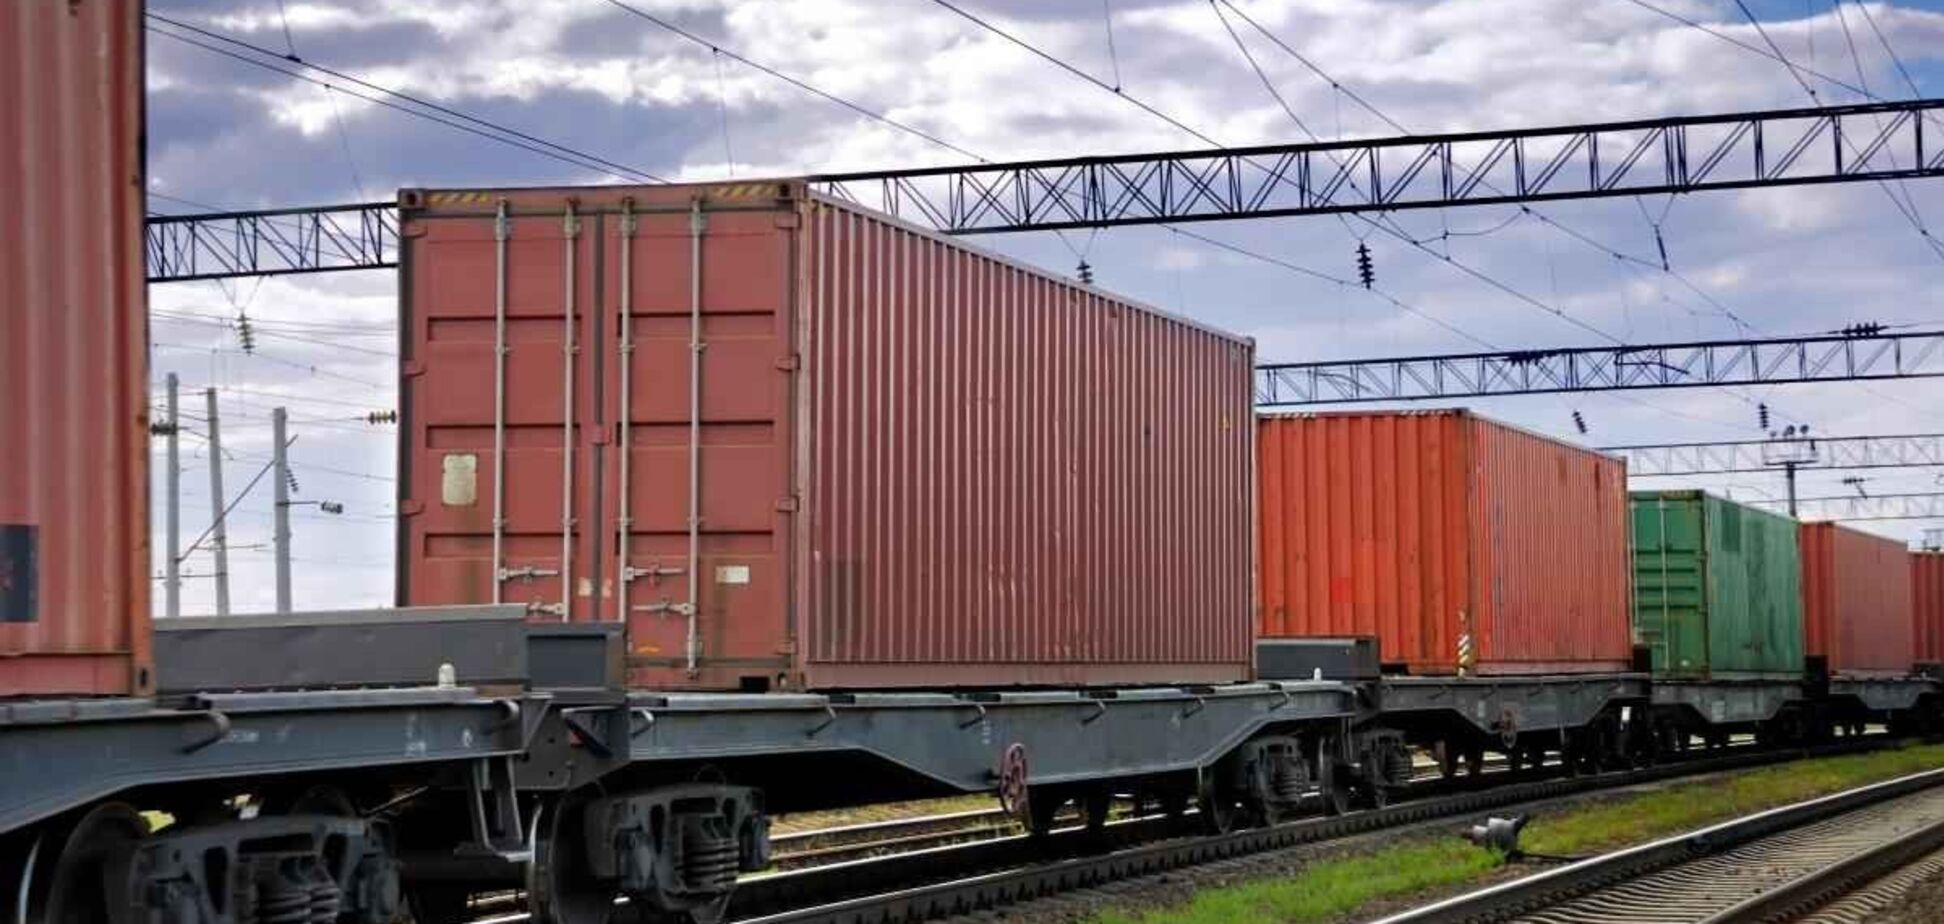 Наказ про обмеження термінів служби вагонів все ще потребує серйозного доопрацювання, – нардеп